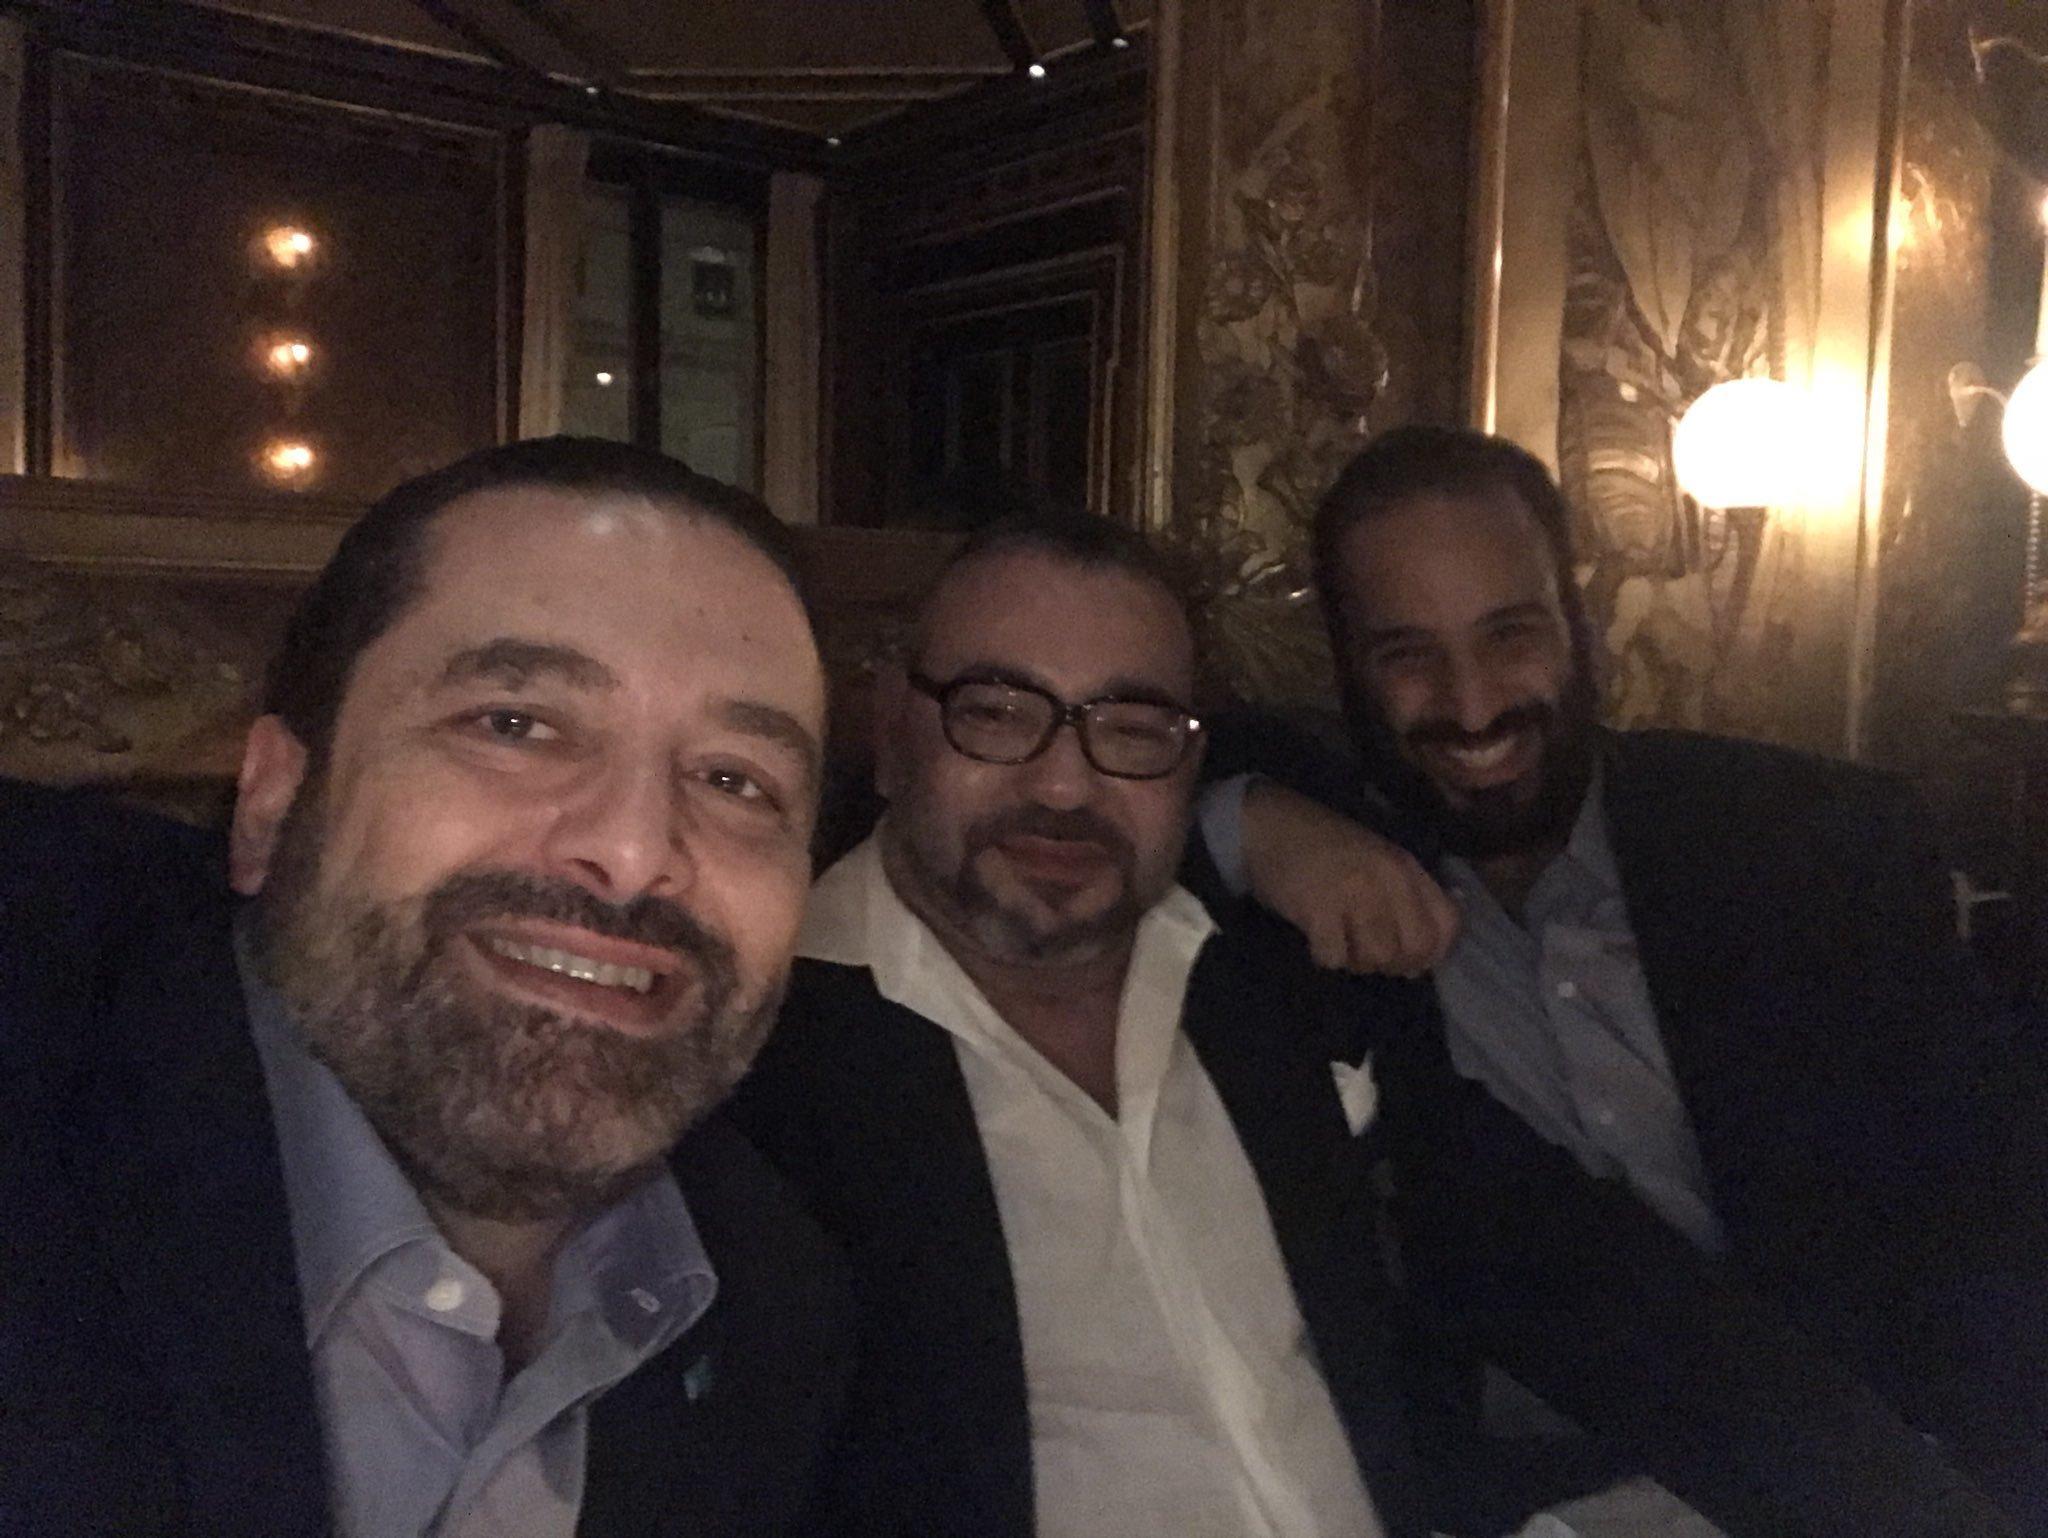 Le roi Mohammed VI, MBS et Saad Hariri réunis le temps d'un dîner (et d'un selfie) à Paris